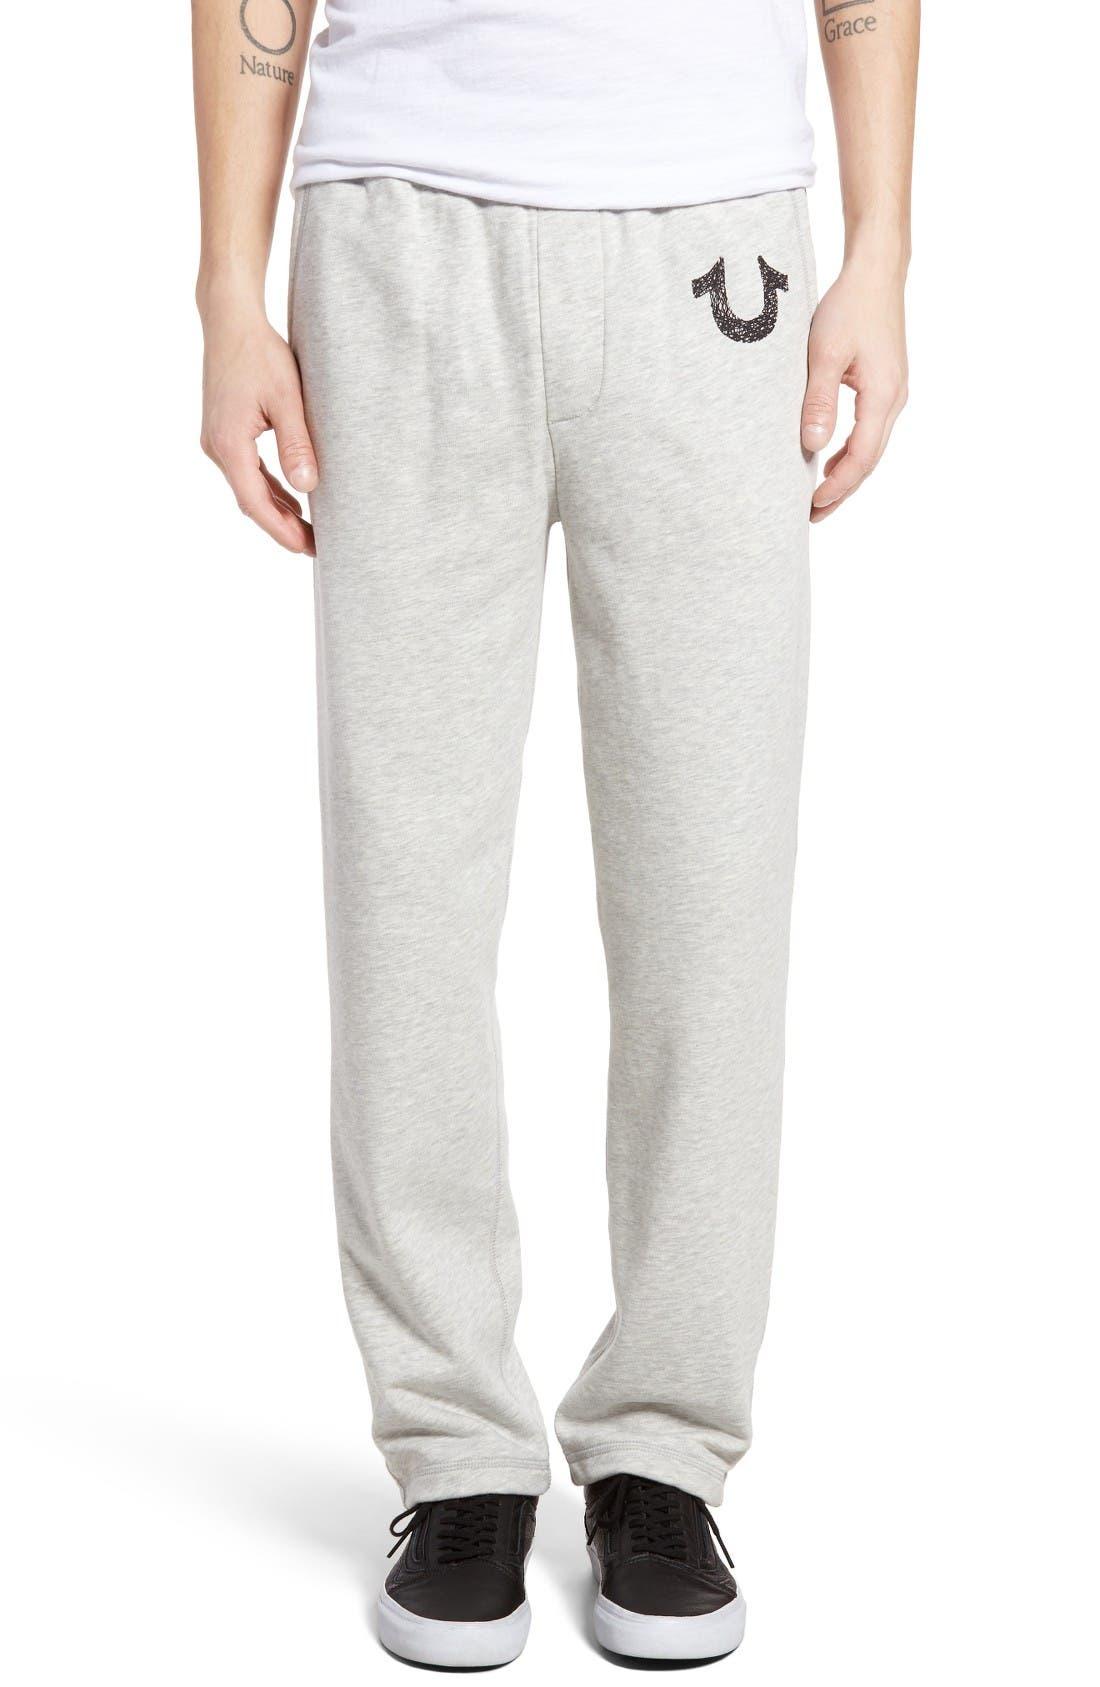 True Religion Brand Jeans Open Leg Sweatpants